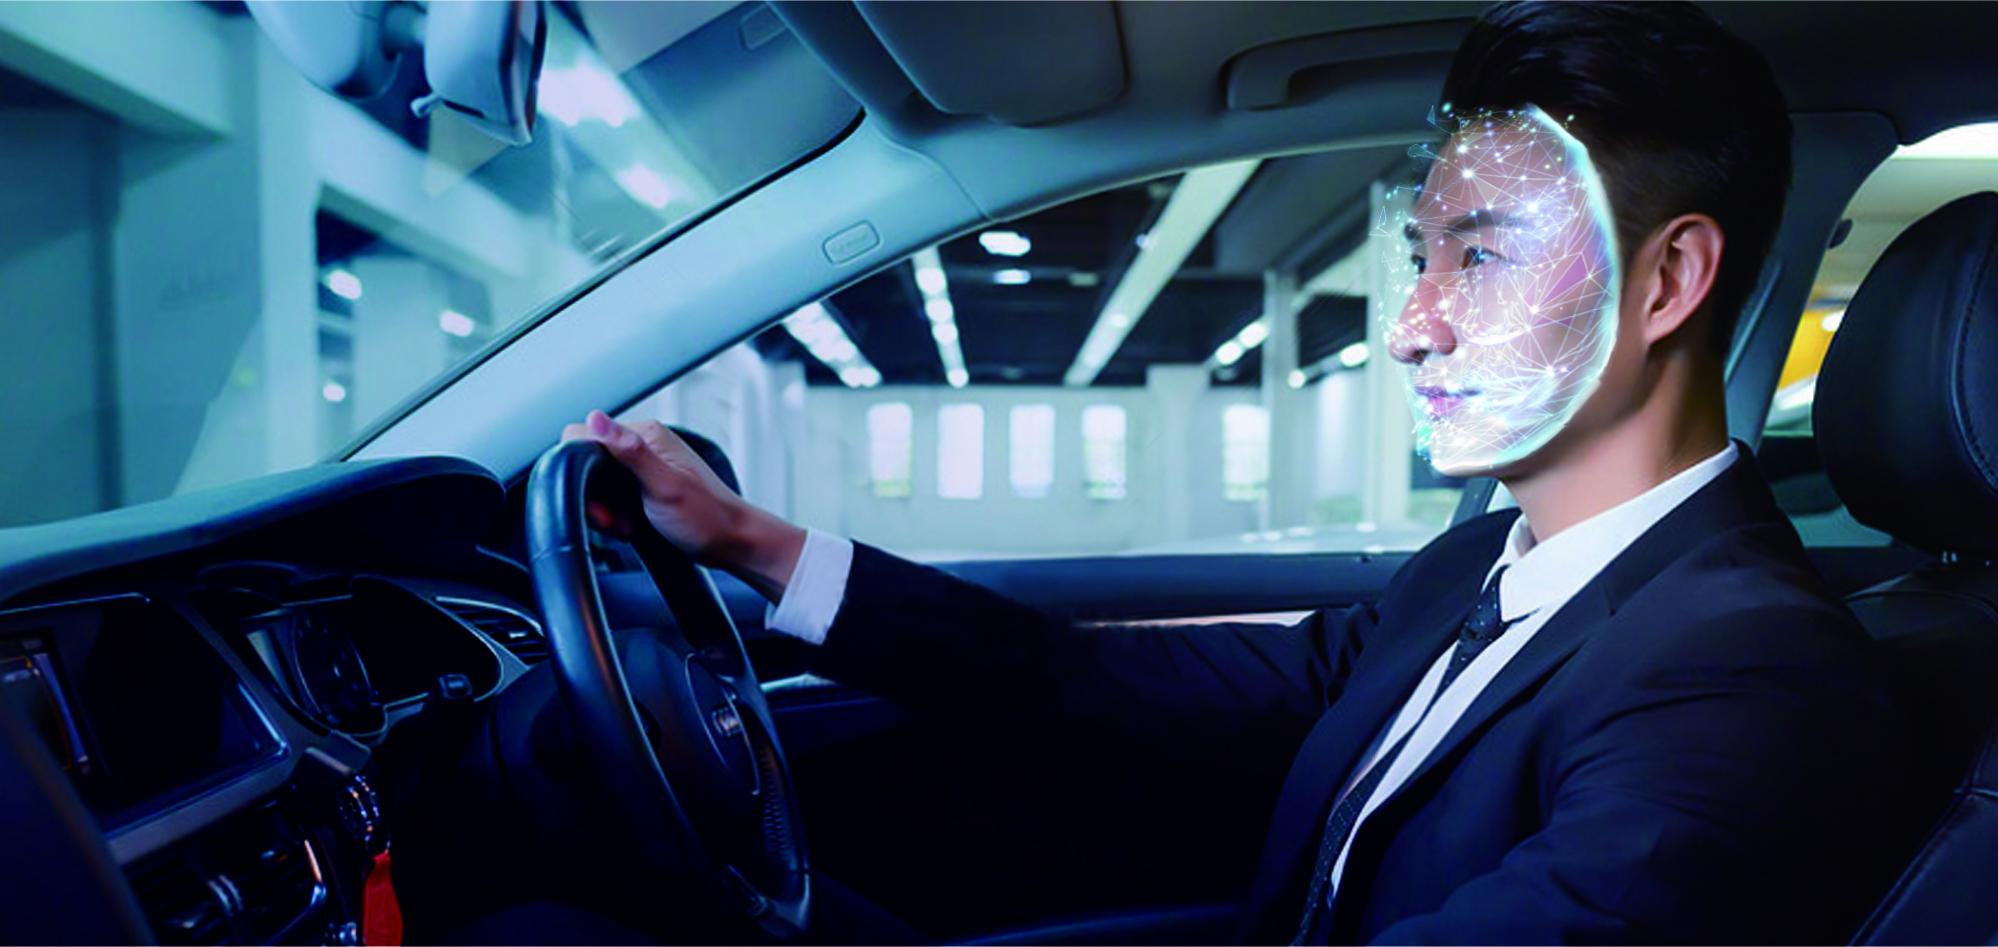 疲劳驾驶识别防御系统--国朗科技